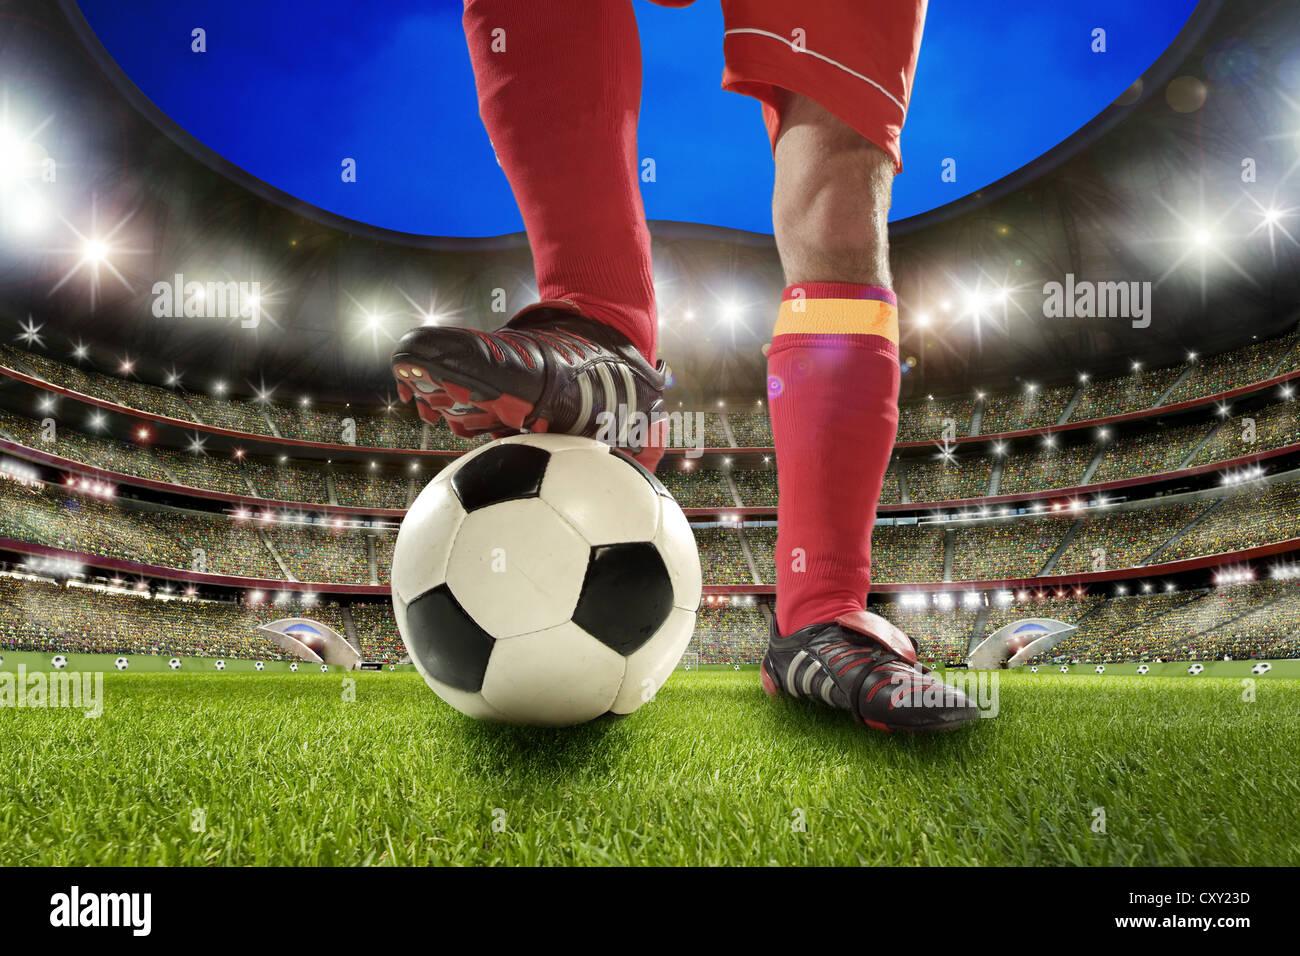 Beine, Fußball, Fußballspieler, Fußball-Stadion Stockbild